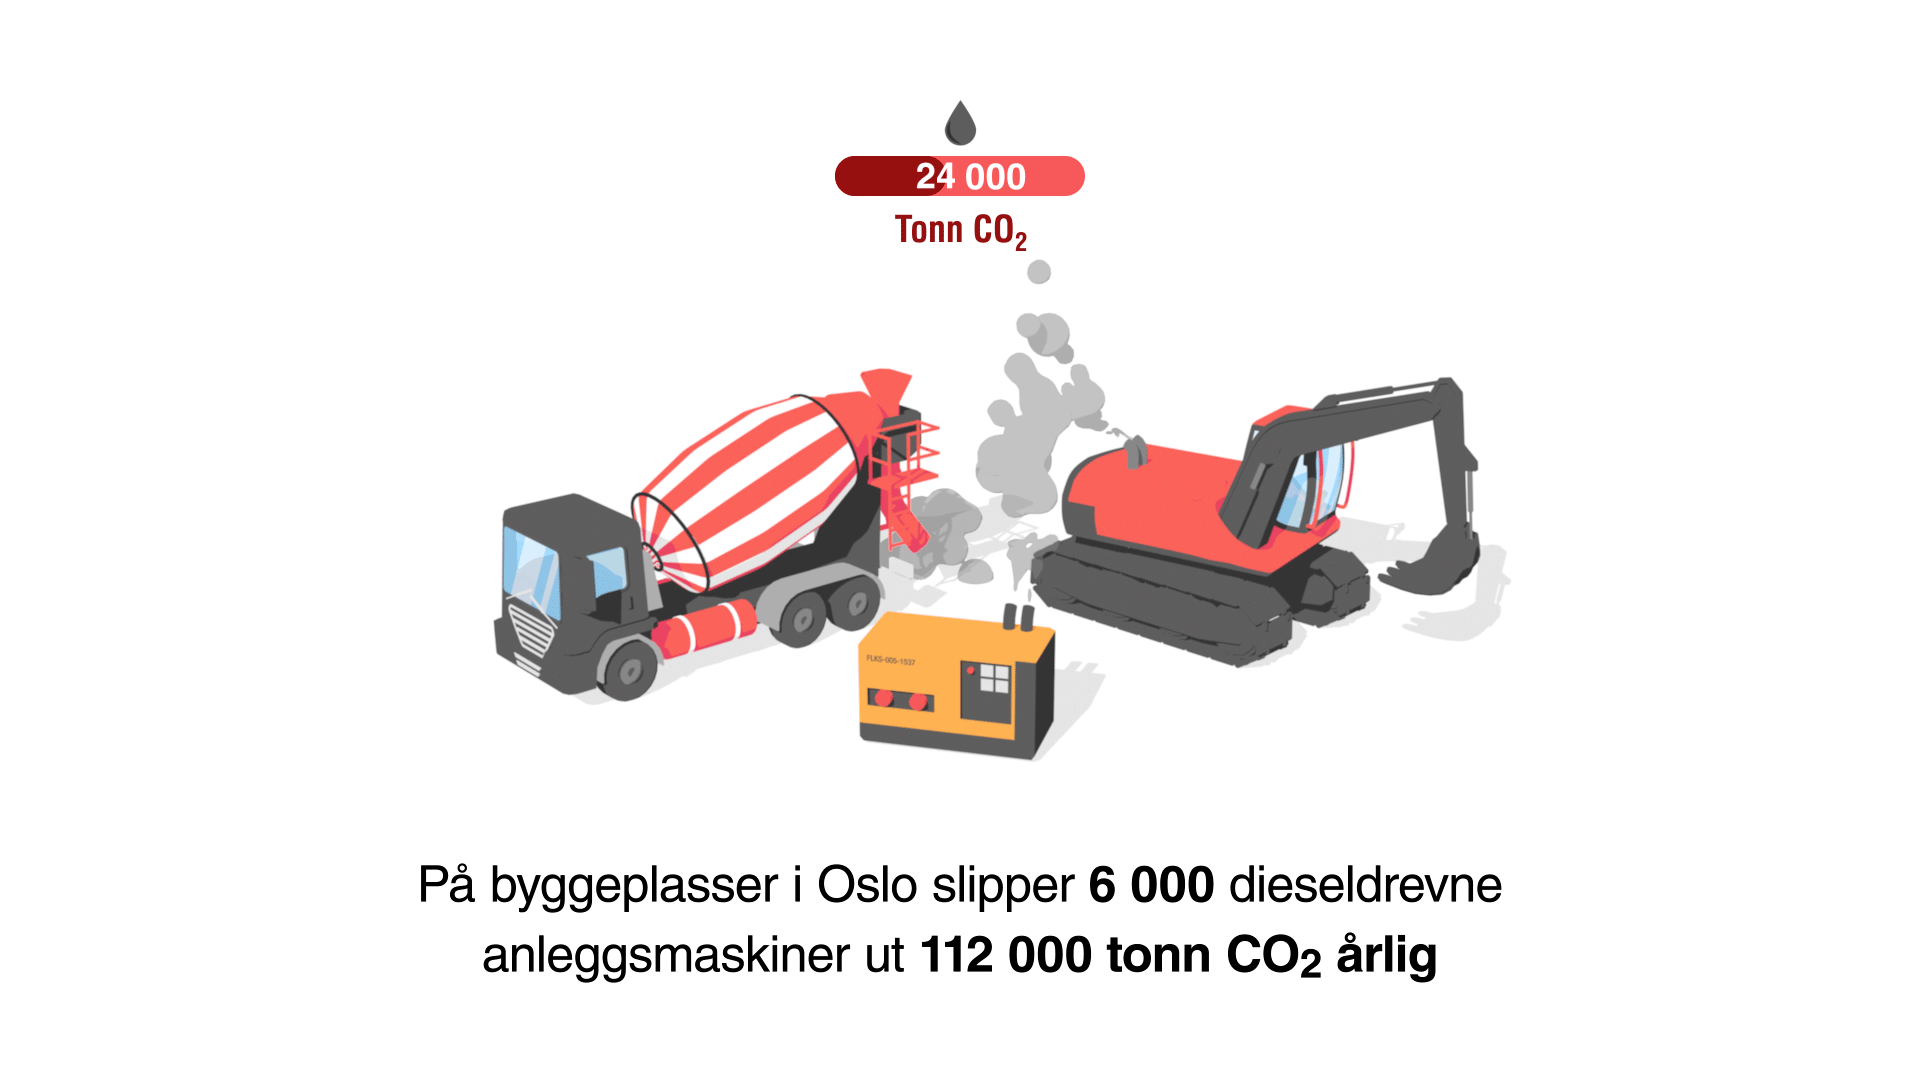 2d animasjon og infografikk av byggeplass maskiner som betonglastebil aggregat og gravemaskin lagd i 3d for hafslund